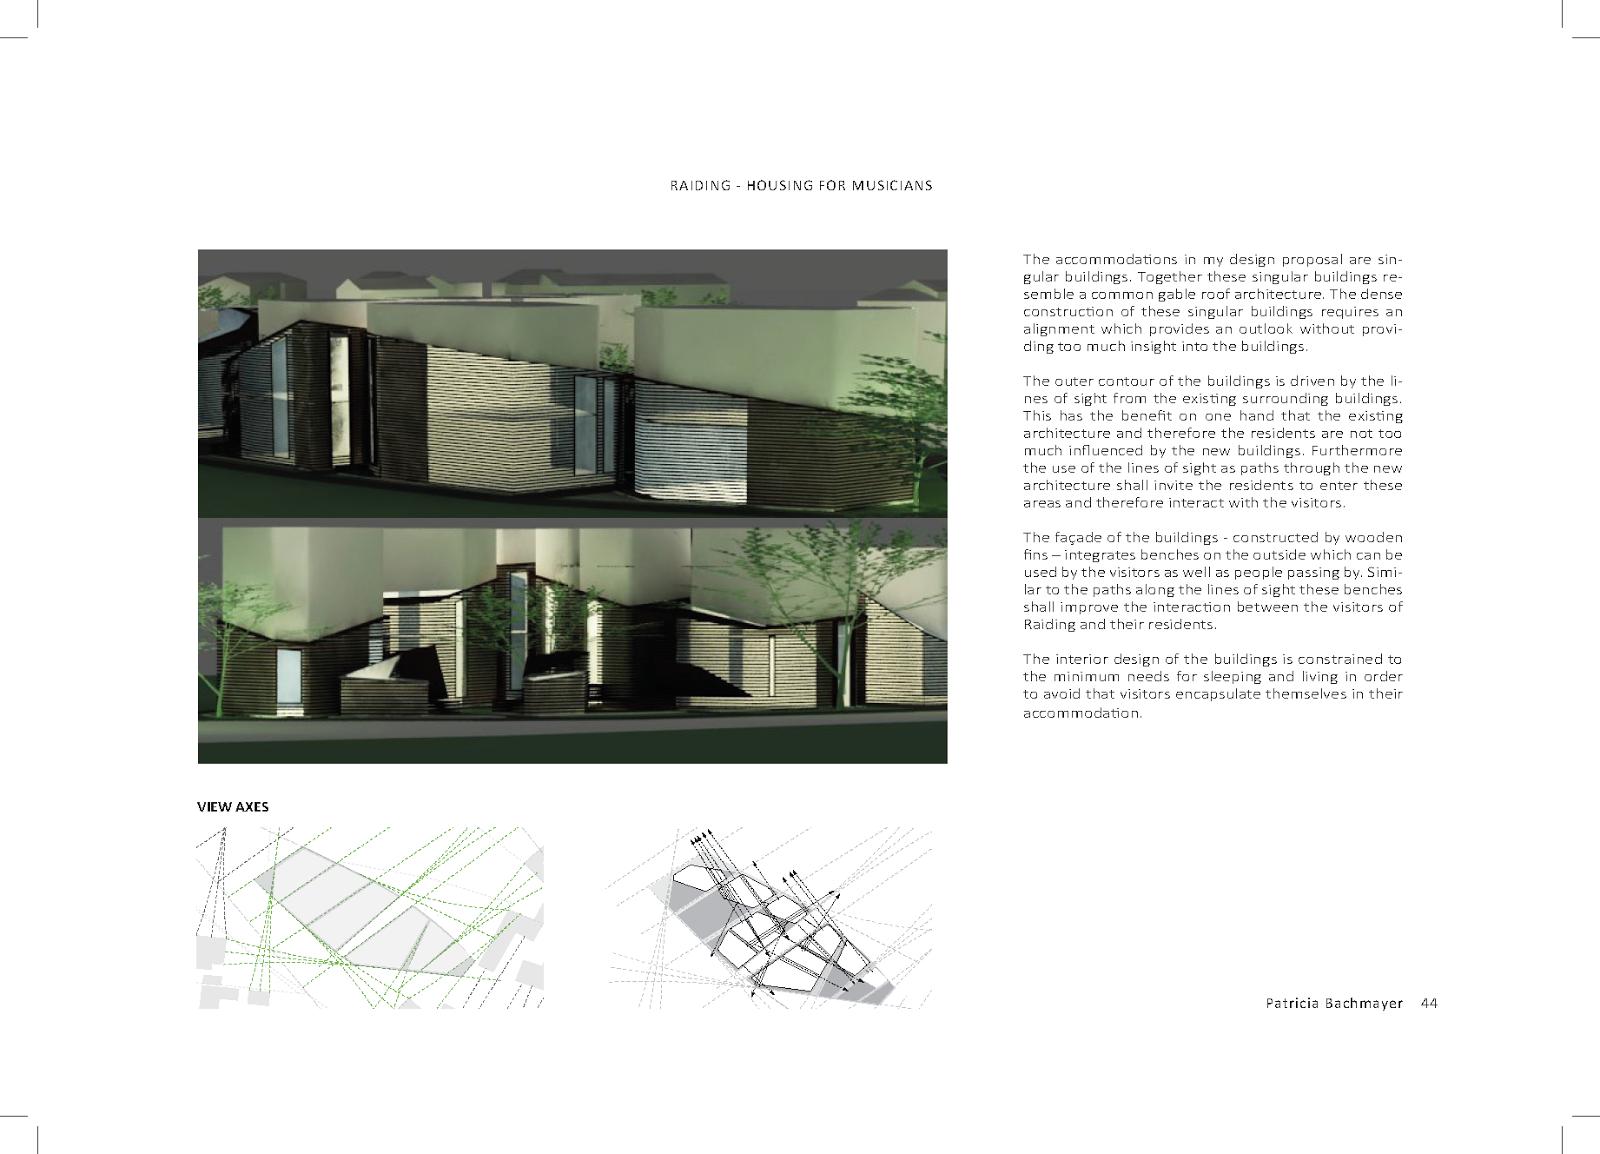 PORTFOLIO ARCHITECTURE | pat [ricia] bac [hmayer] architecture and ...